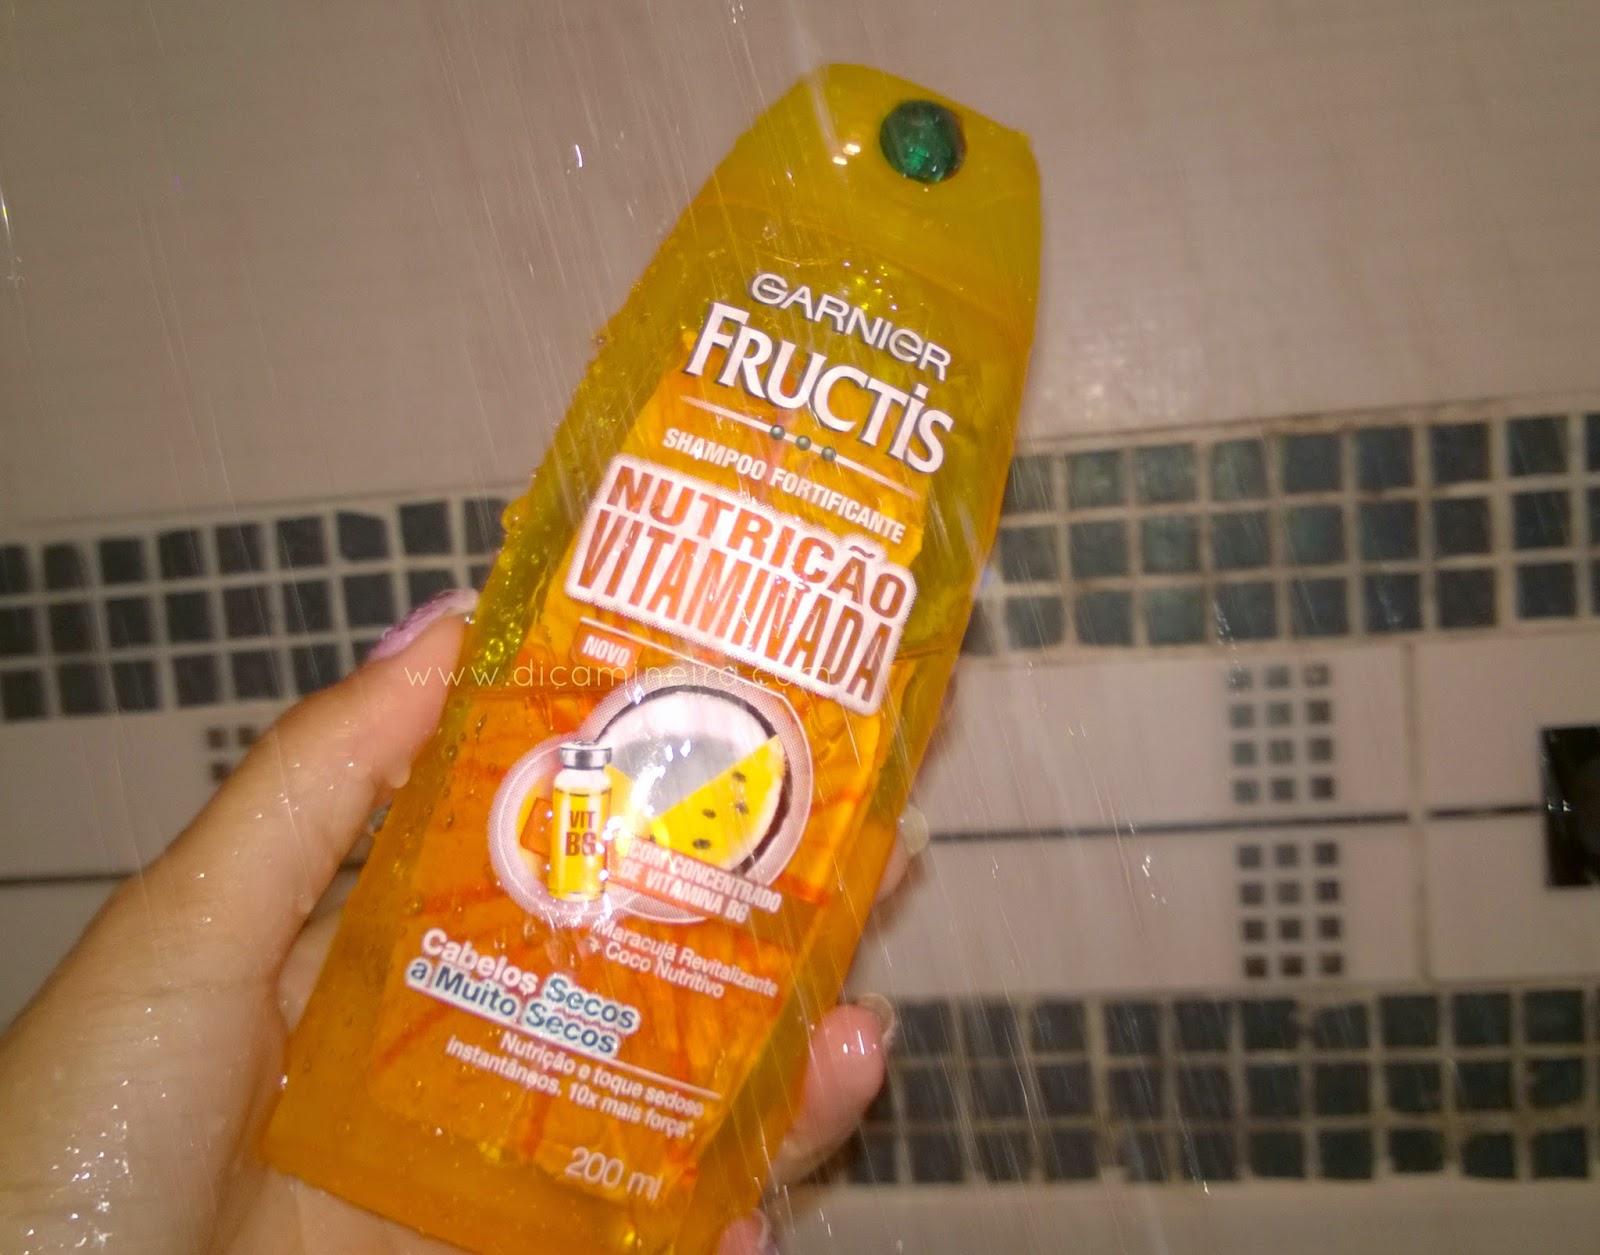 Testei e Reprovei! Shampoo Nutrição Vitaminada Fructis